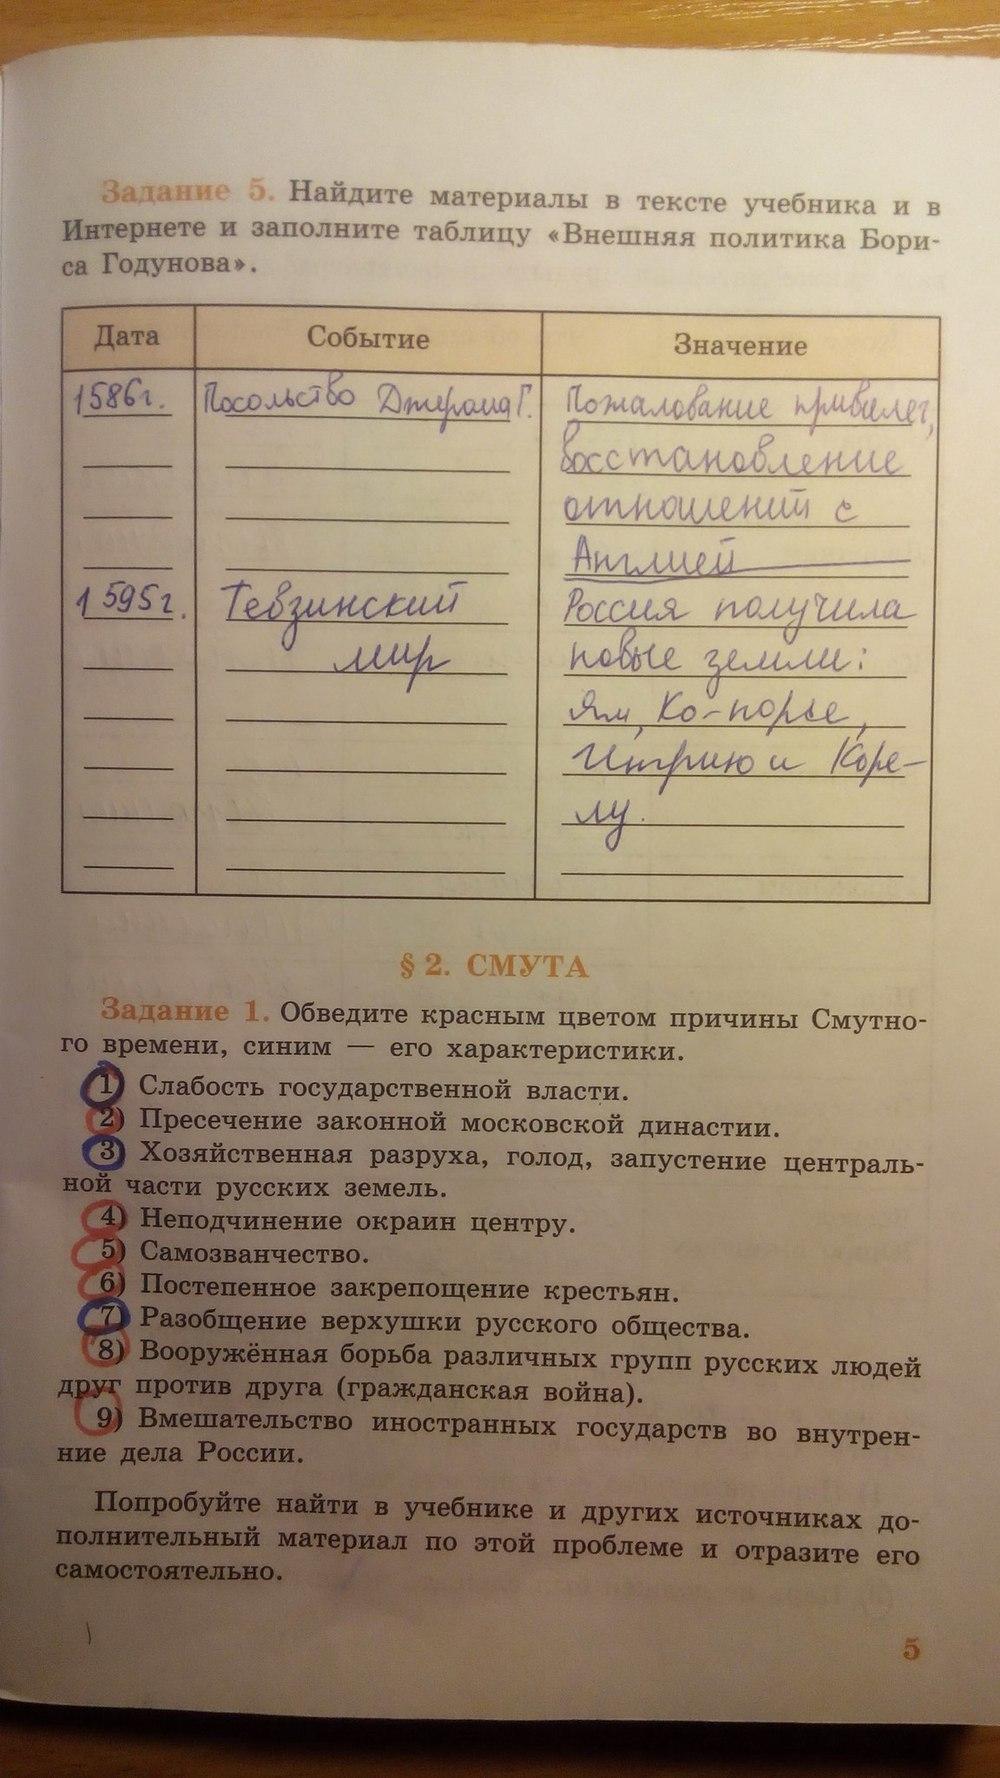 Гдз по истории россии 7 класса рабочая тетрадь данилова